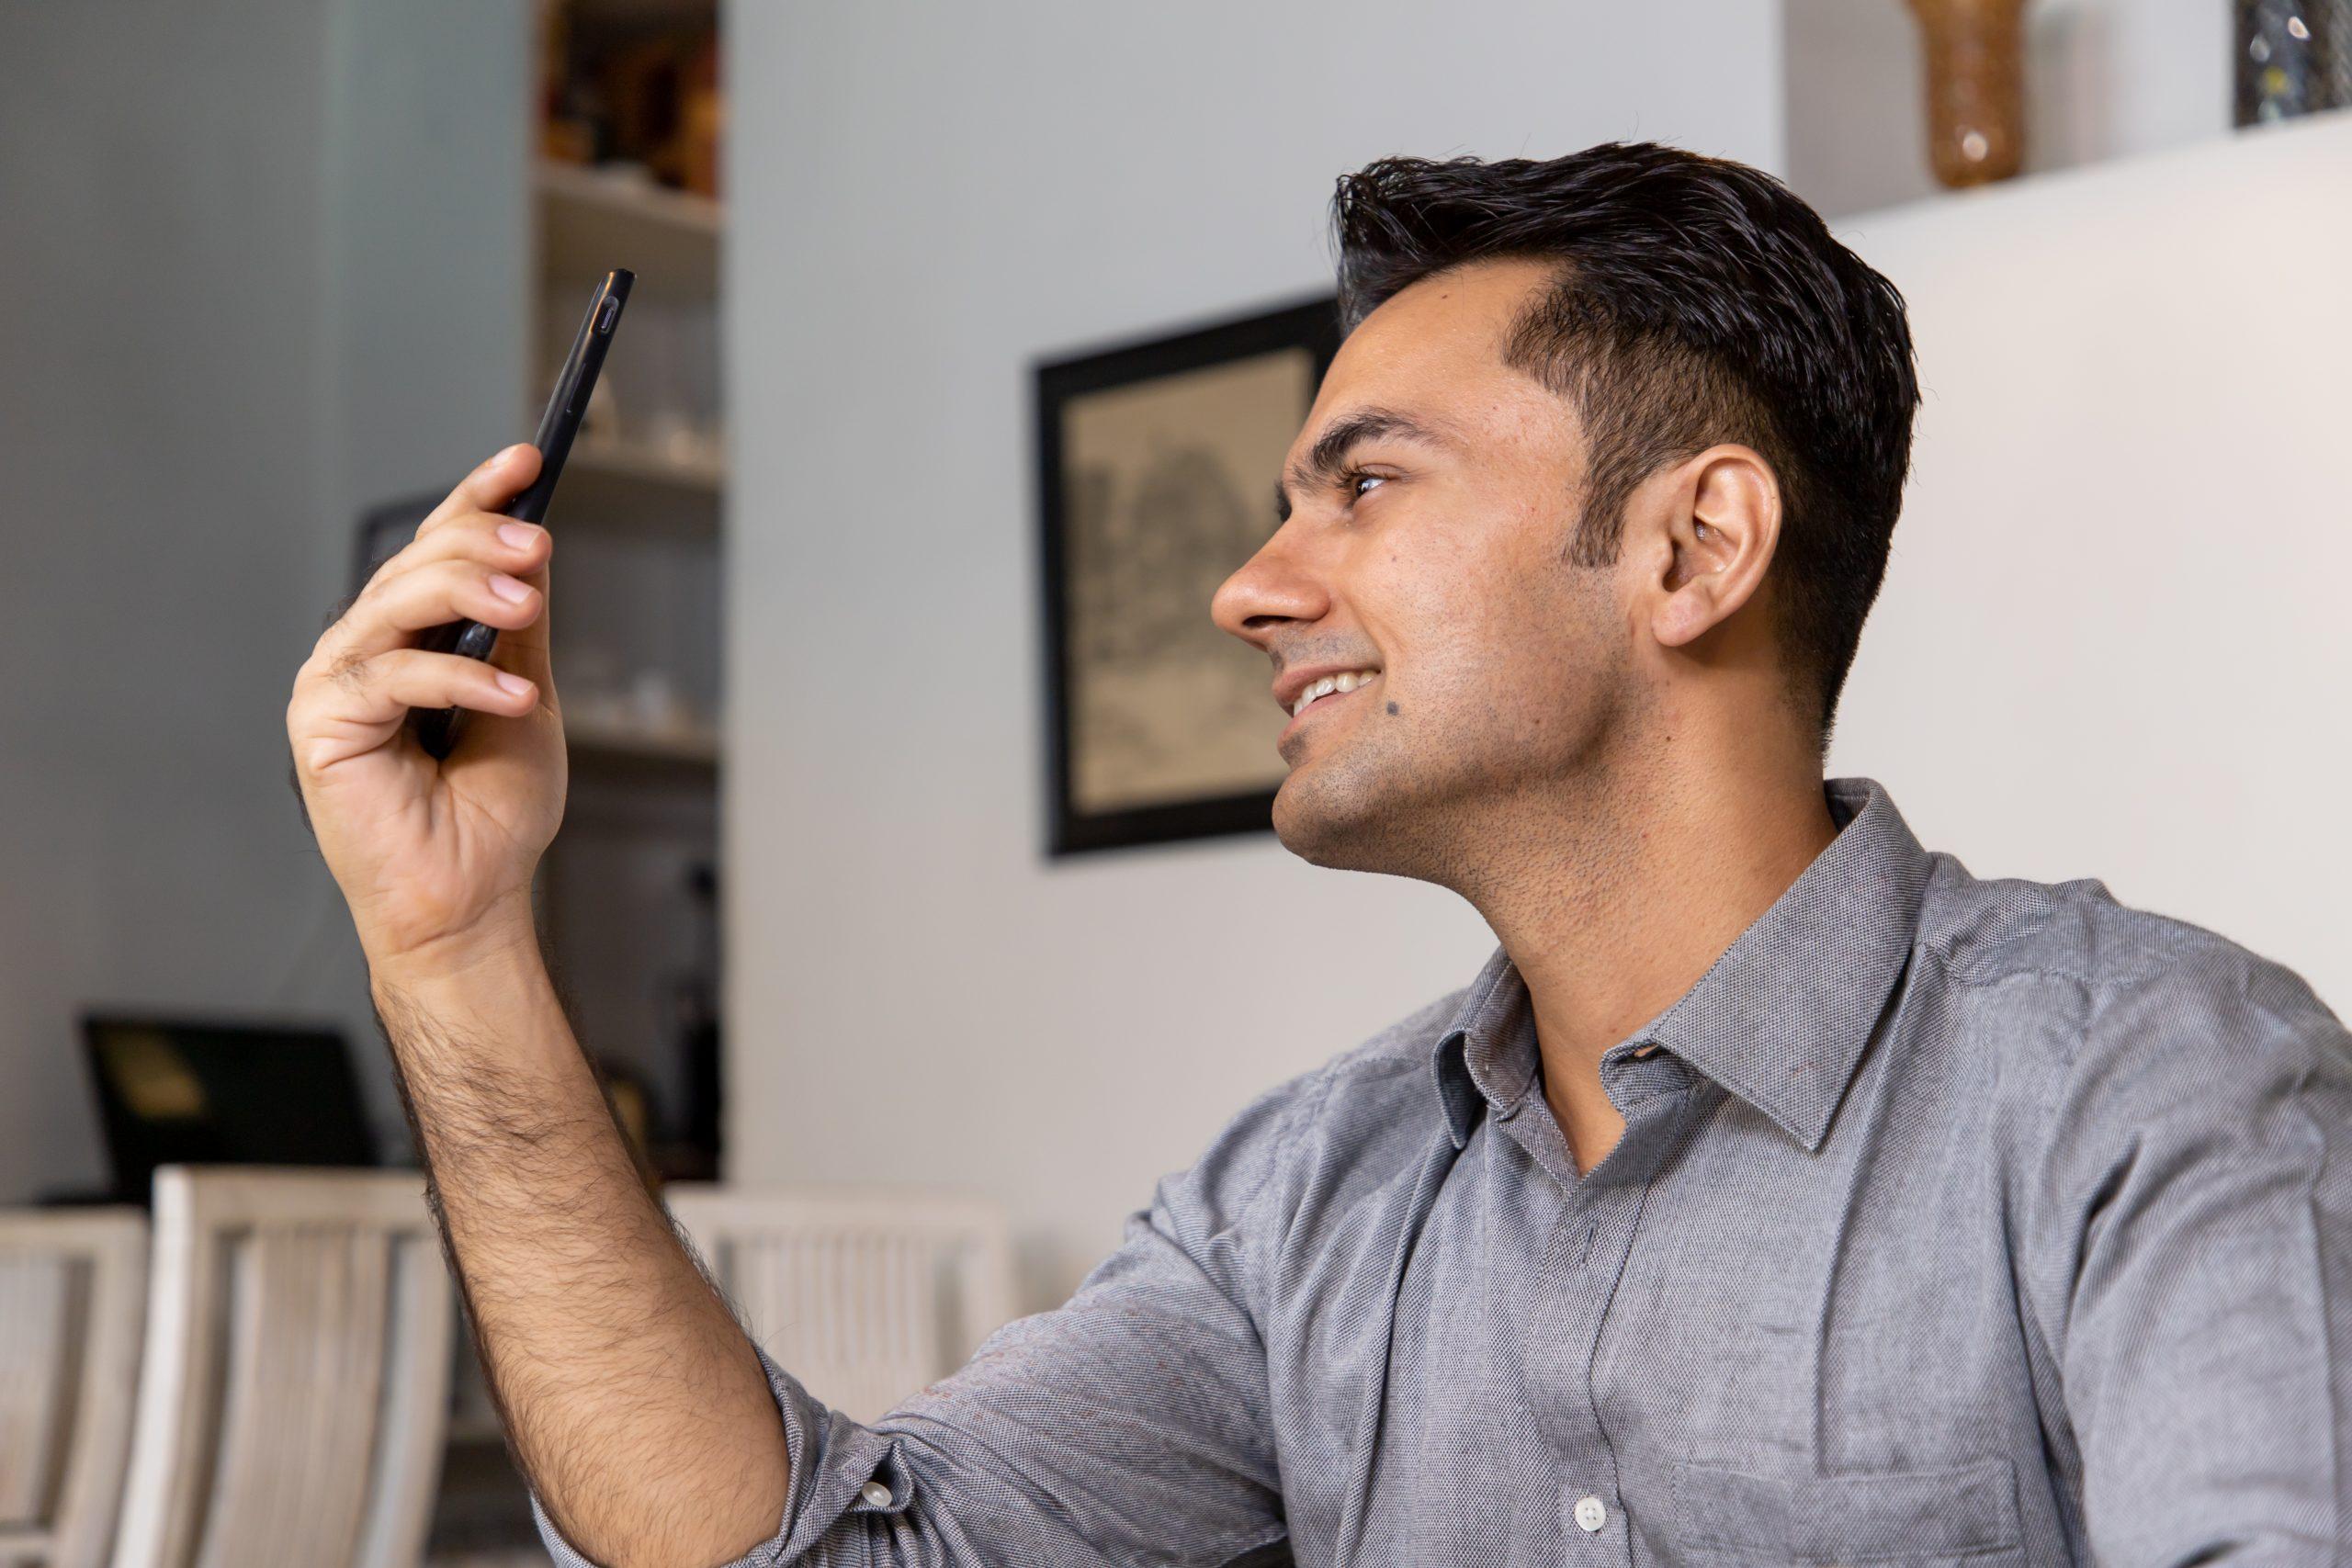 A man taking selfie.